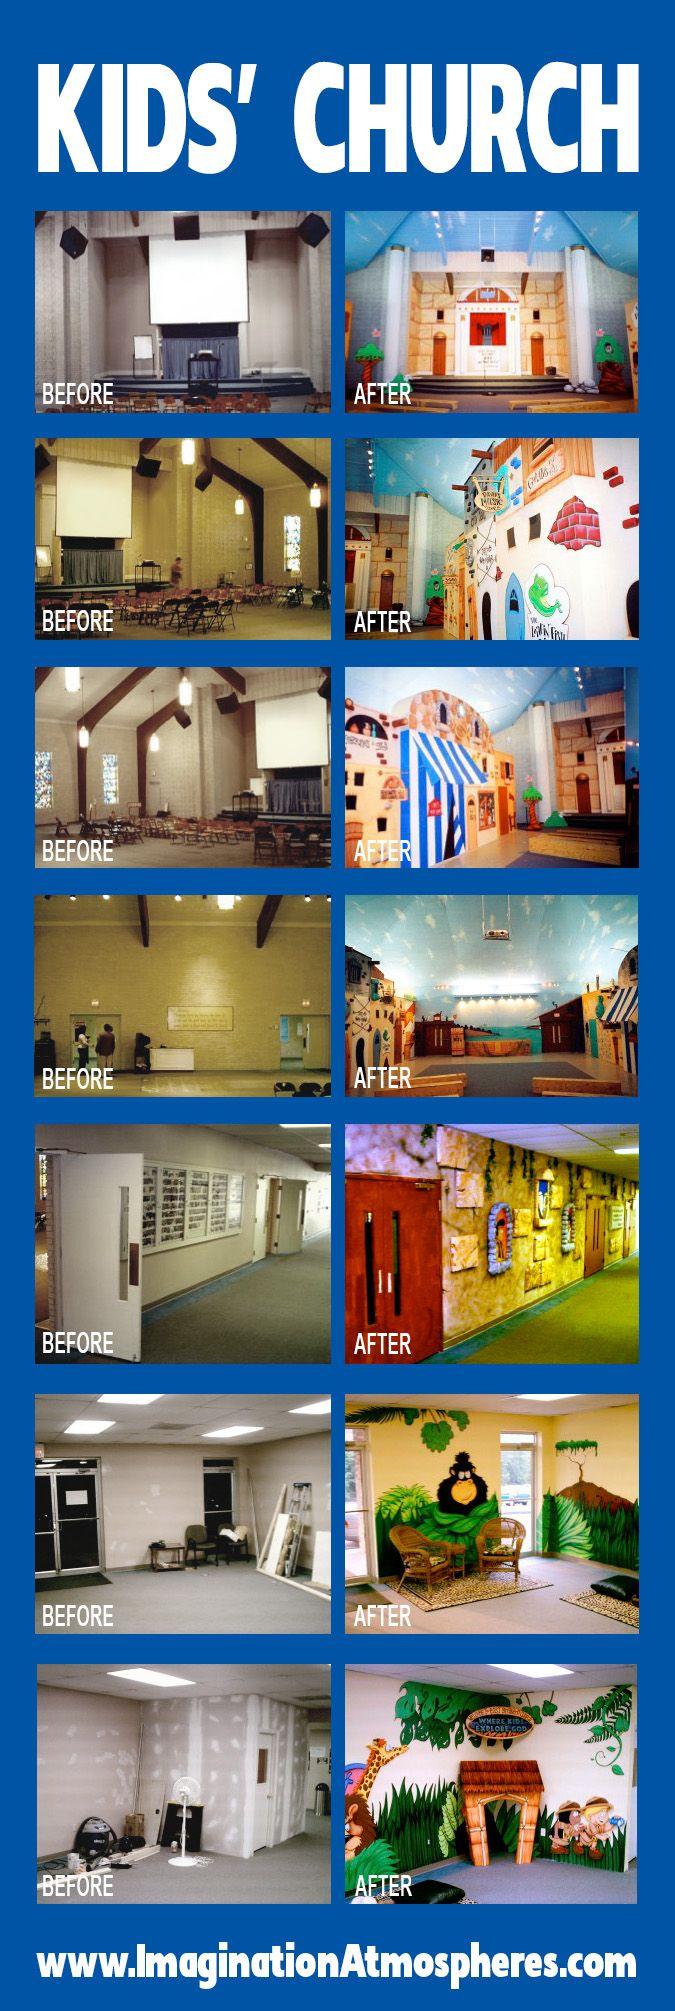 Former church sanctuary remodeled as Jerusalem village for kids. www.ImaginationAtmospheres.com